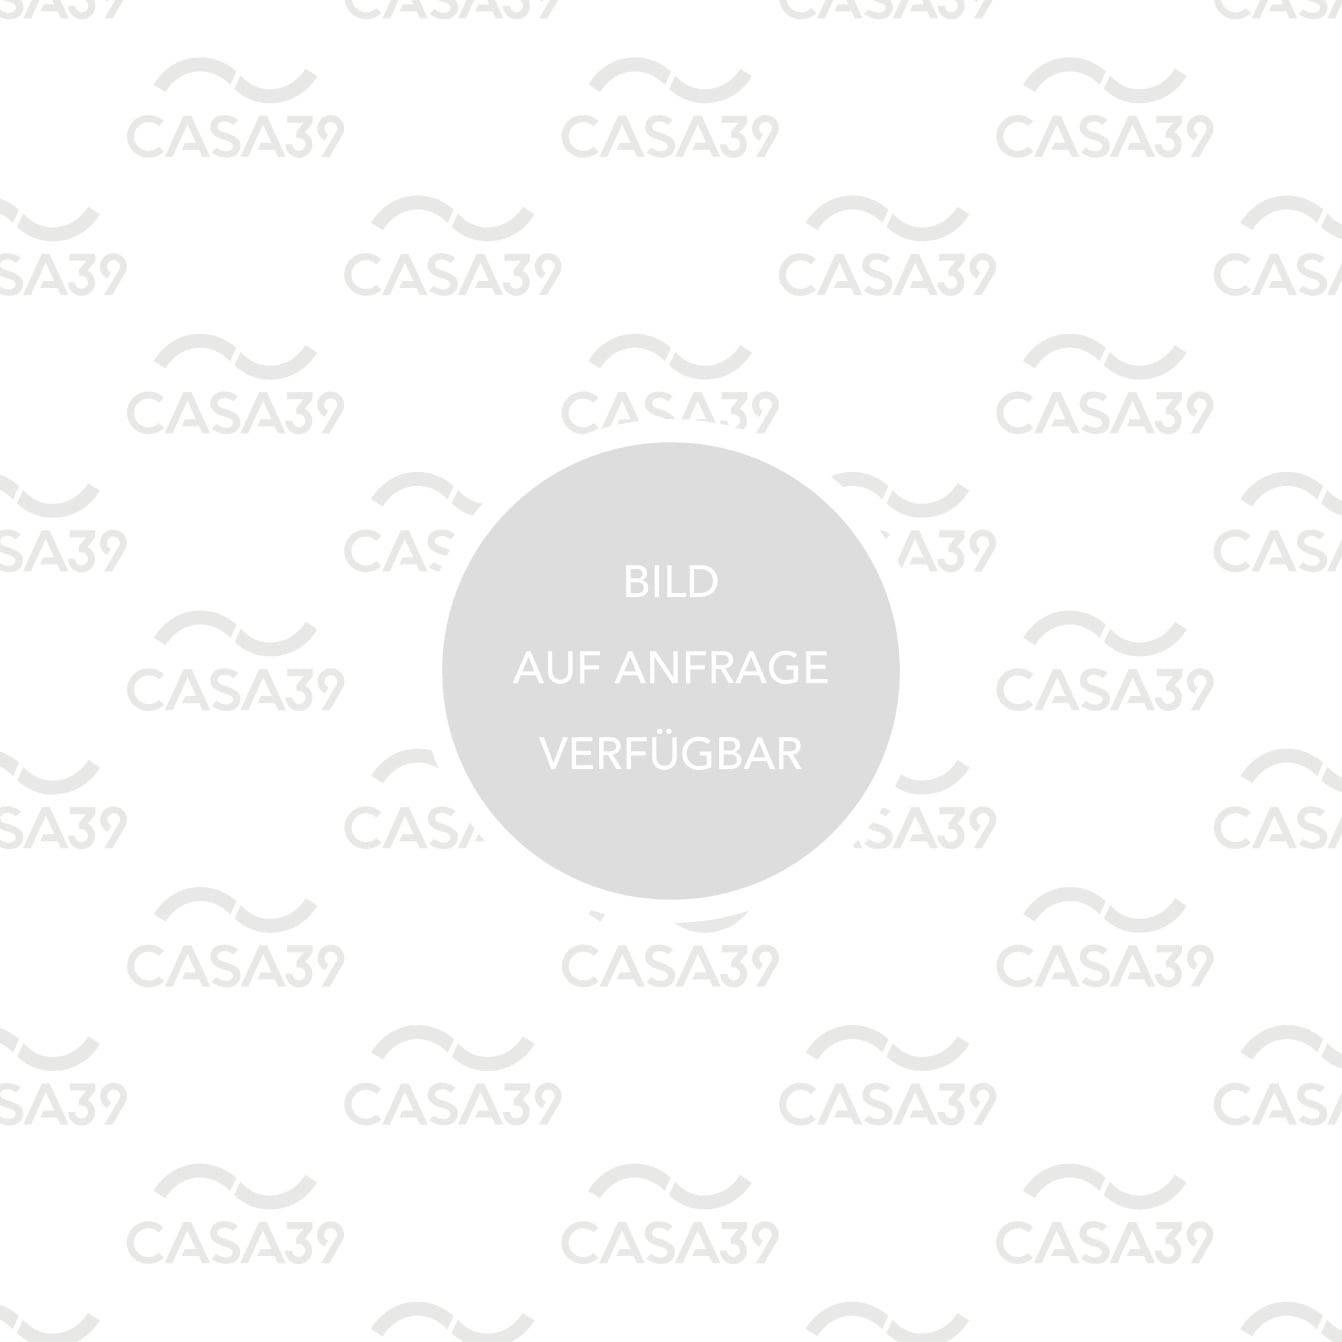 Fliesen Marmoroptik Breccia Beige Lev 80x80 Cm J87181 Casa39 De